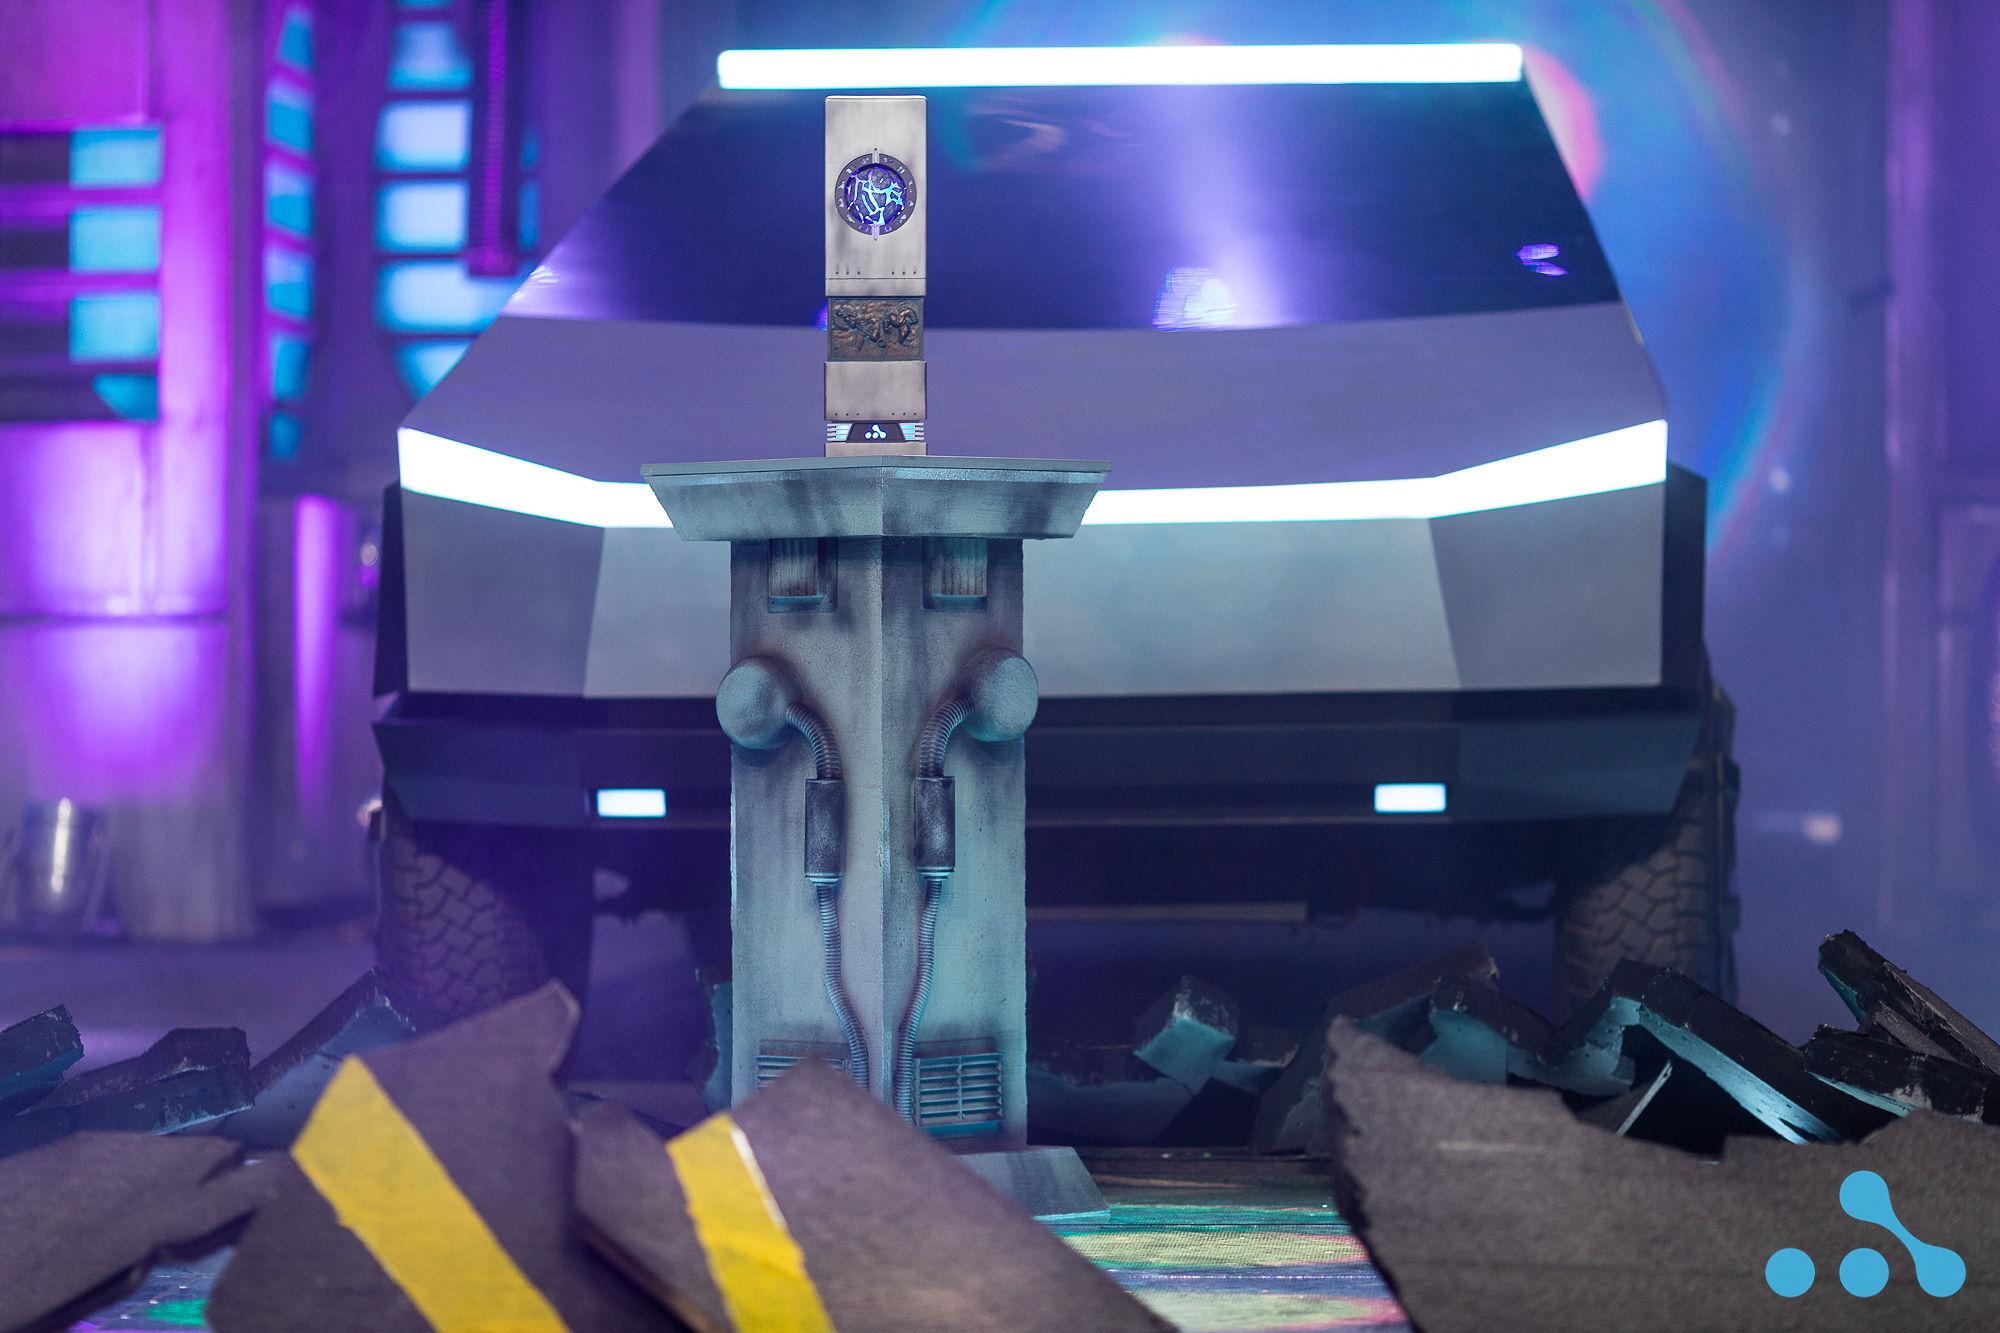 《DOTA2》WePlay狂月挑战赛 Nigma让二追三战胜秘密夺冠